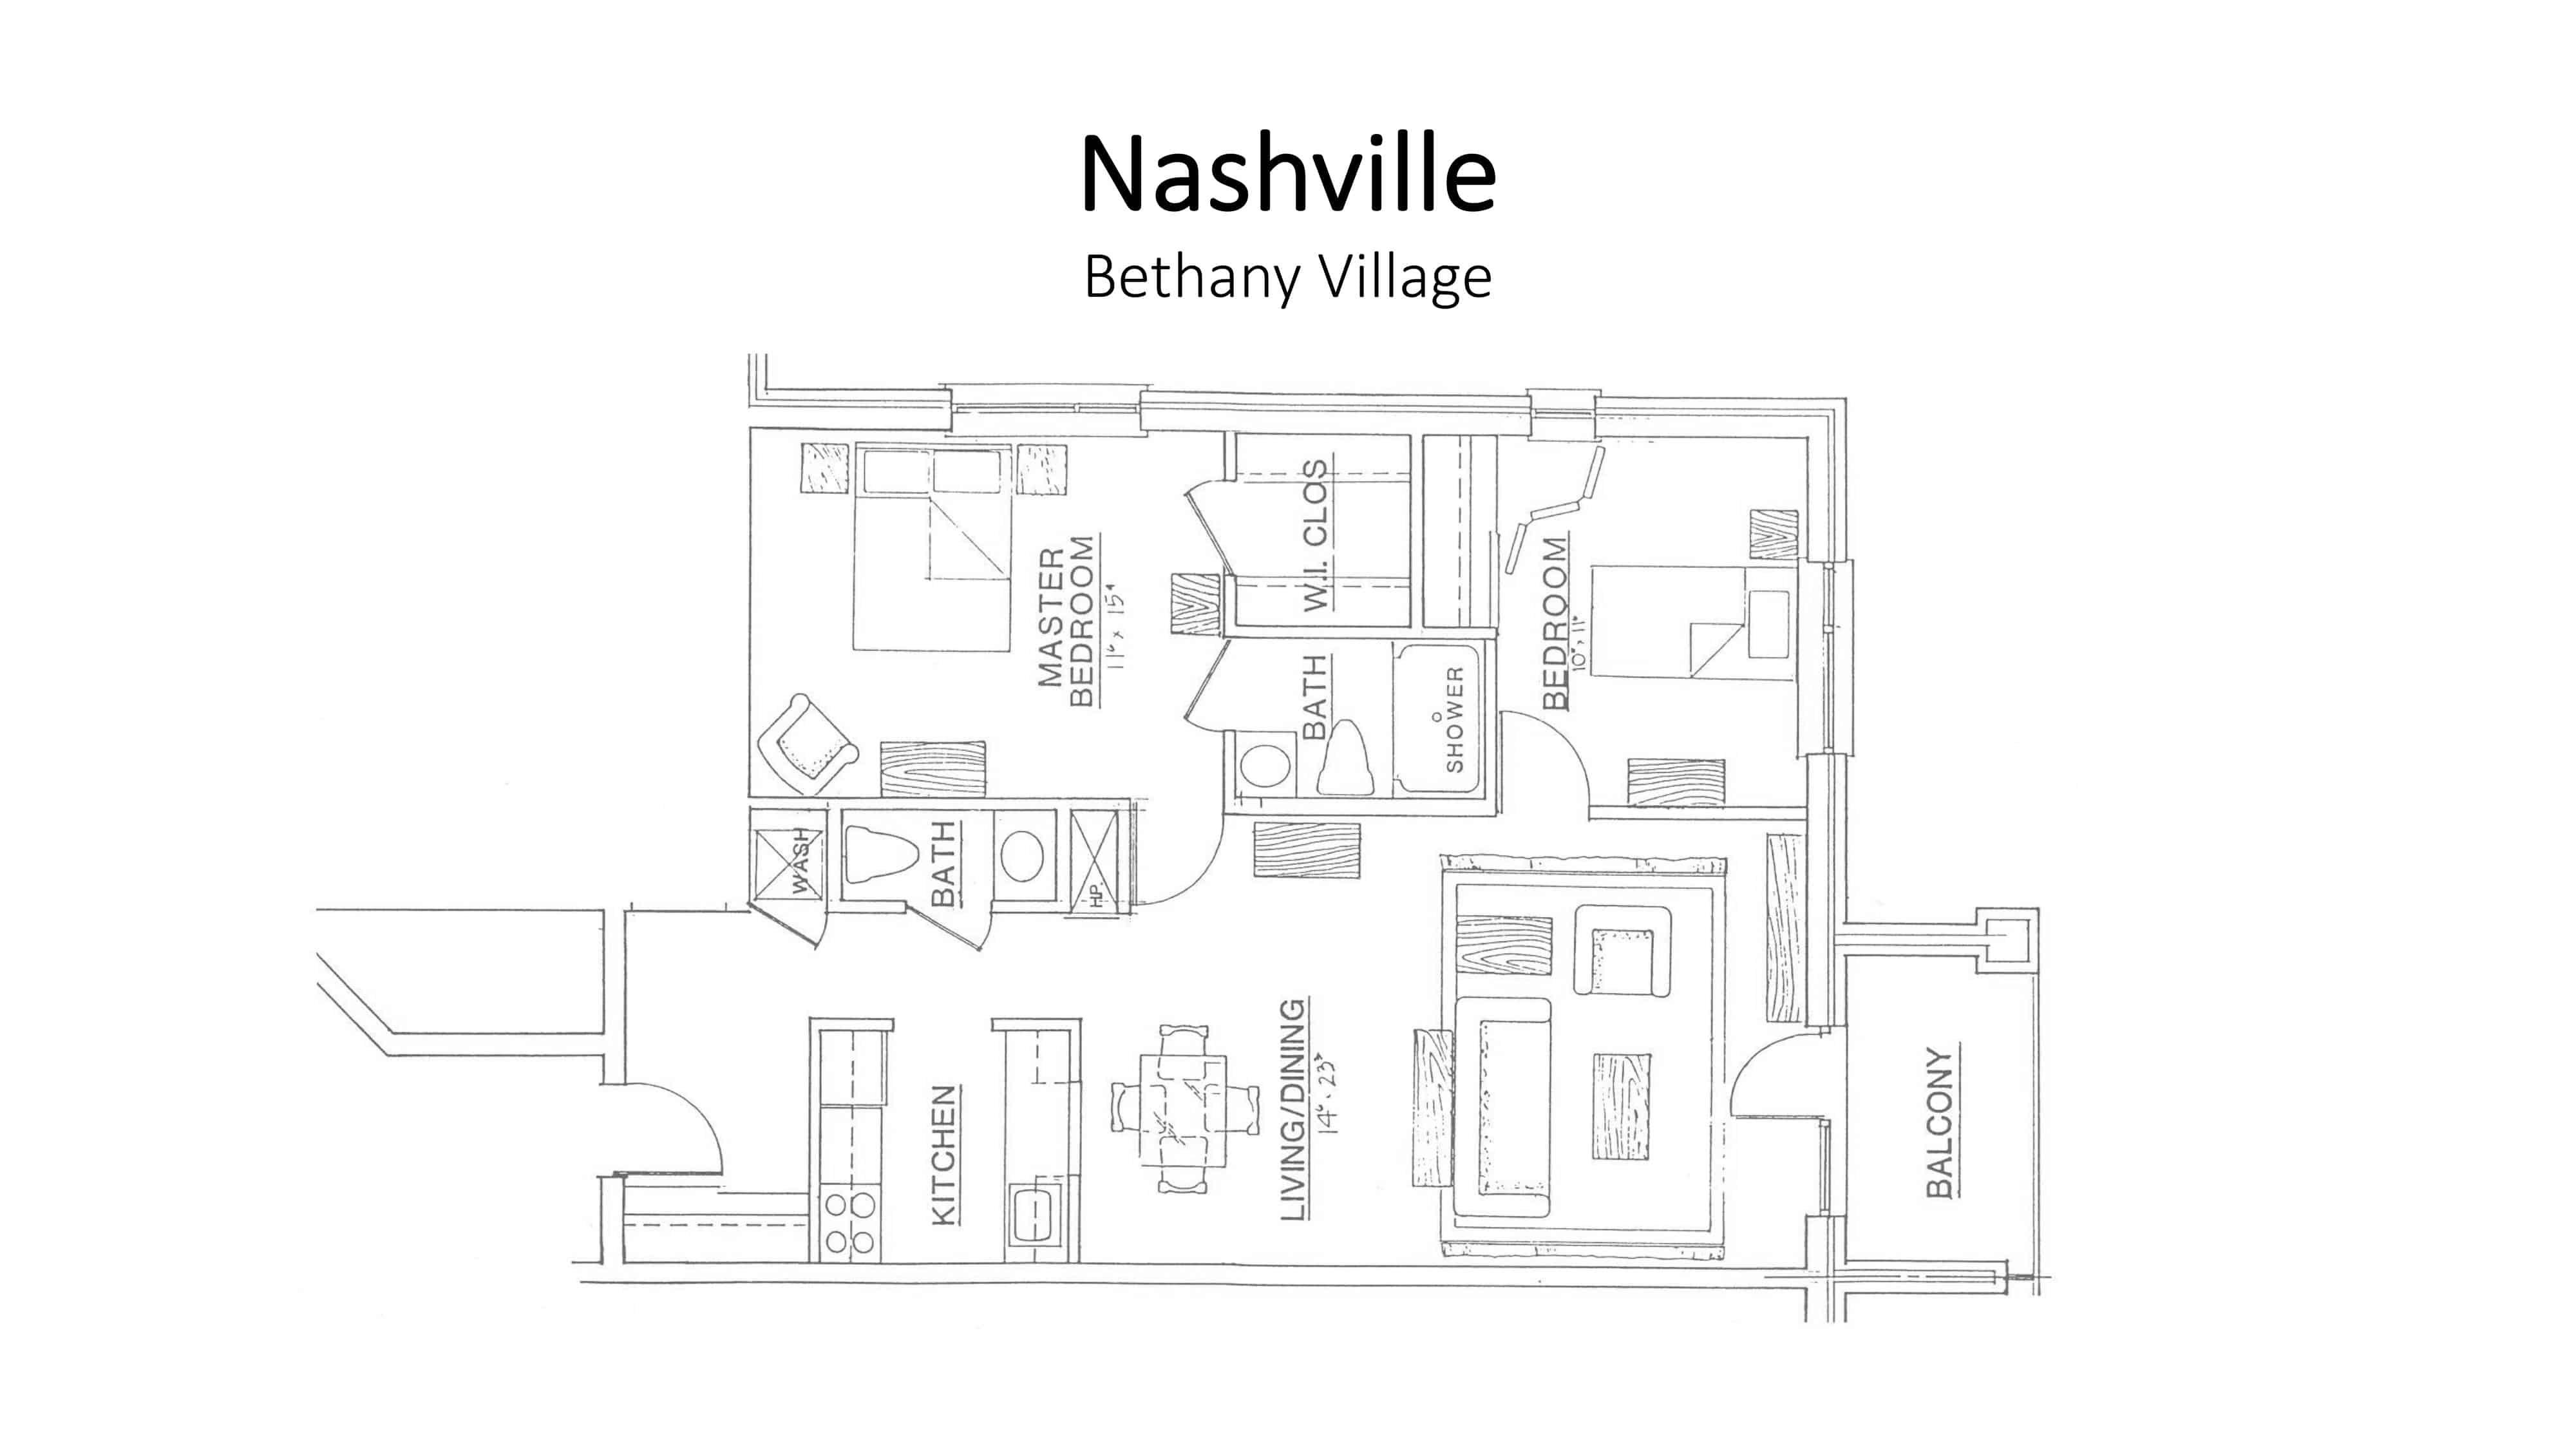 BV_Nashville